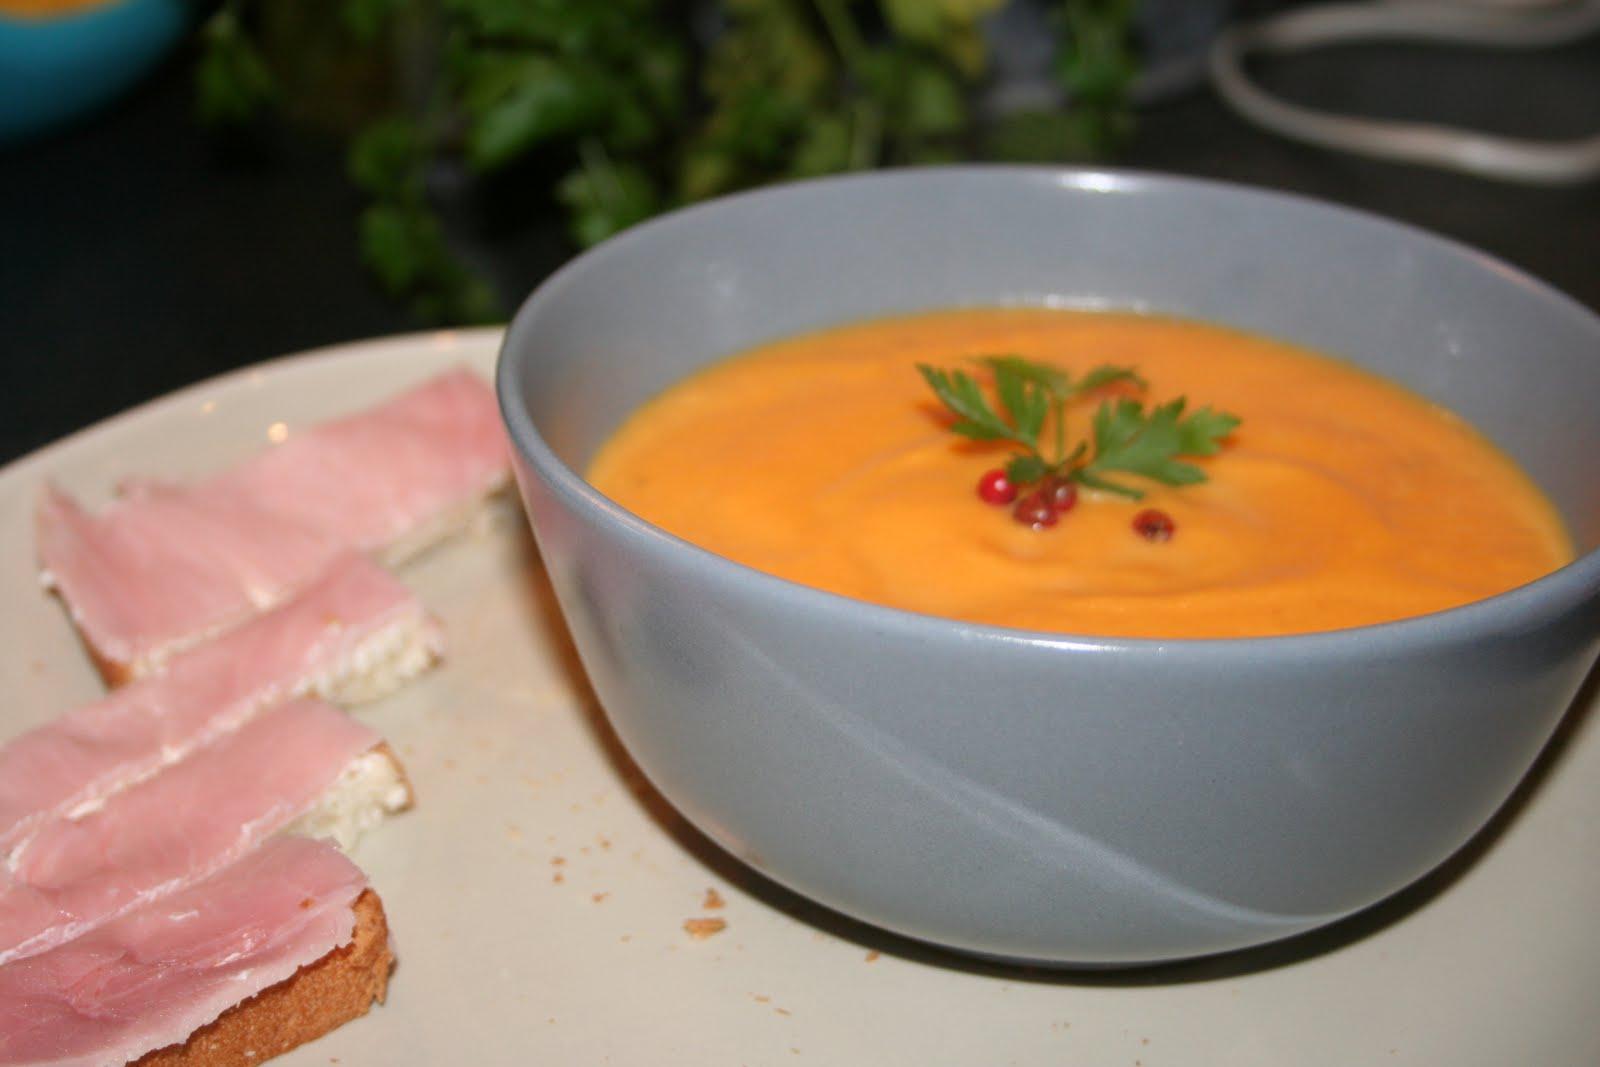 De la soupe au dessert soupe au potiron - Peut on congeler de la soupe ...